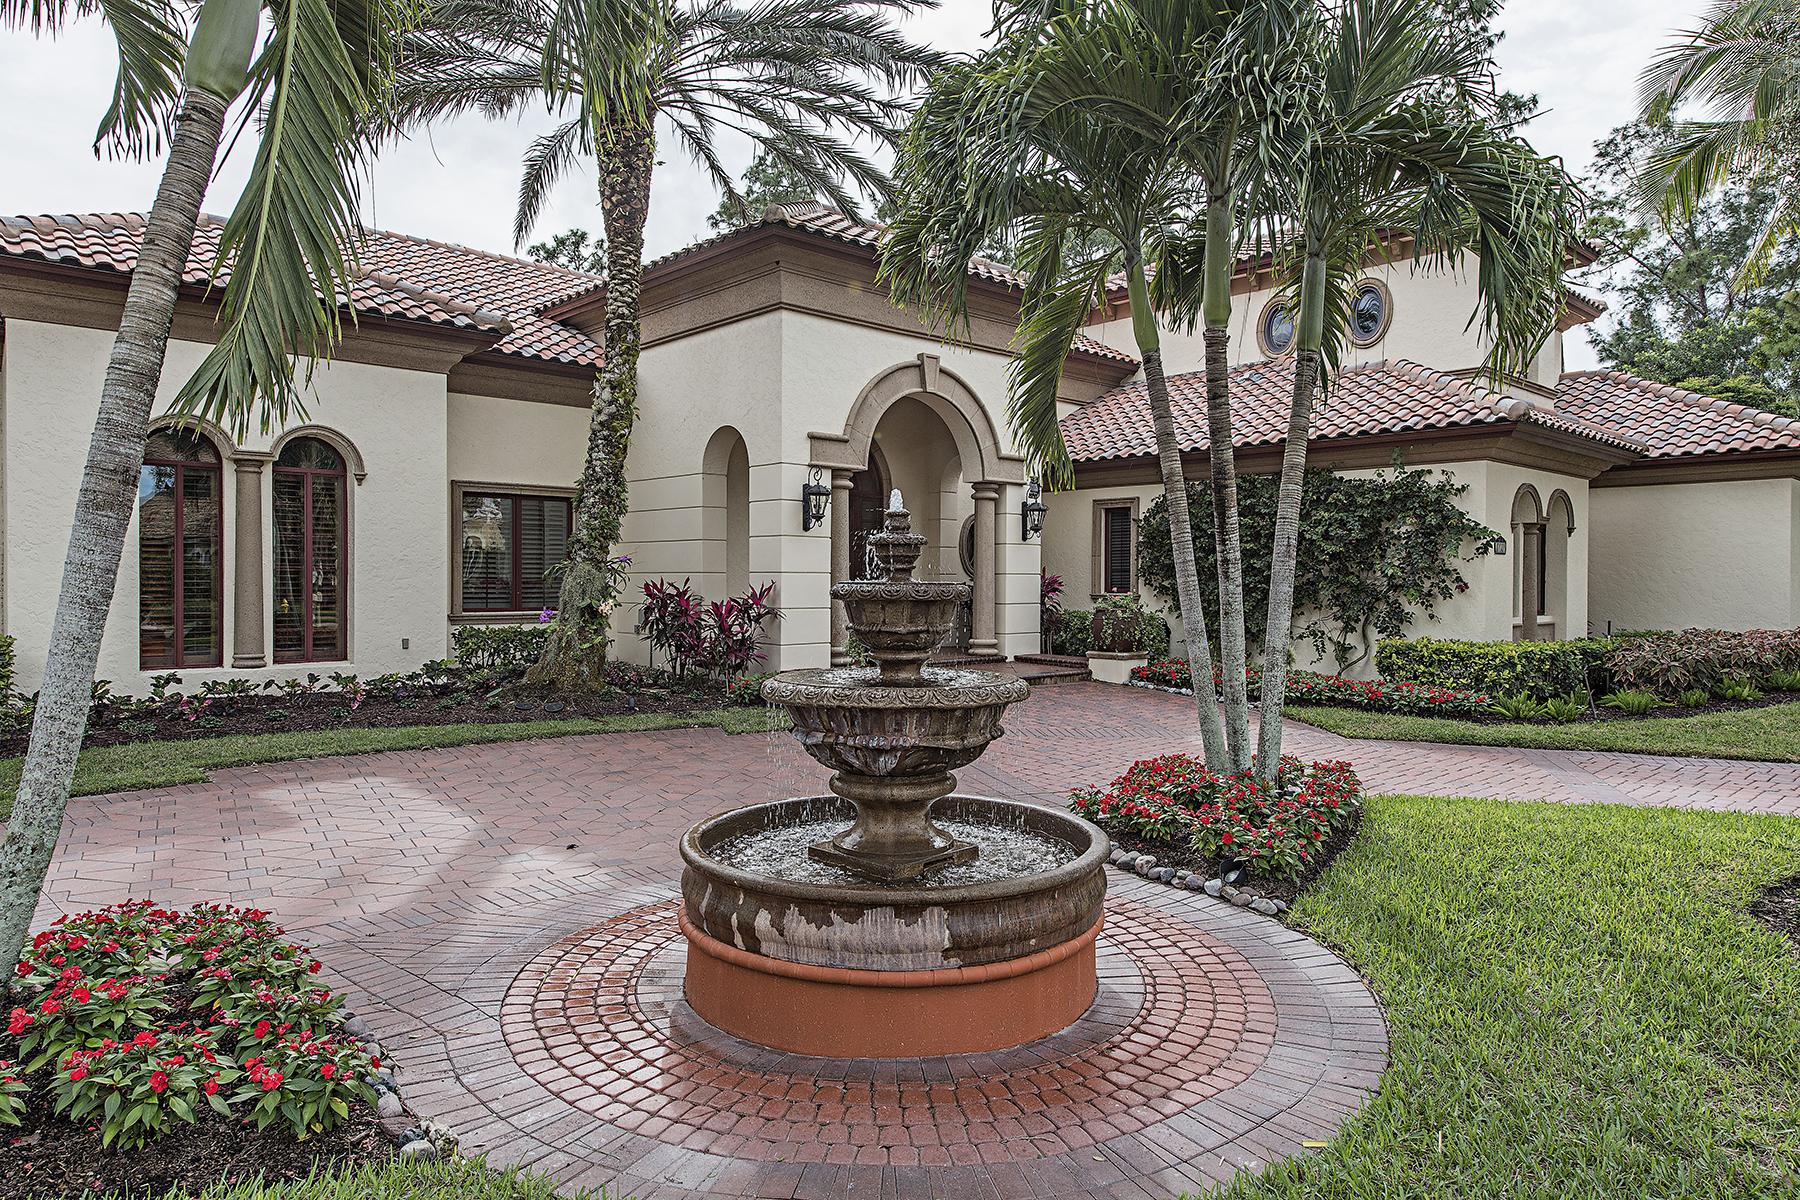 Maison unifamiliale pour l Vente à PELICAN MARSH - BAY LAUREL ESTATES 8727 Purslane Dr Naples, Florida, 34109 États-Unis